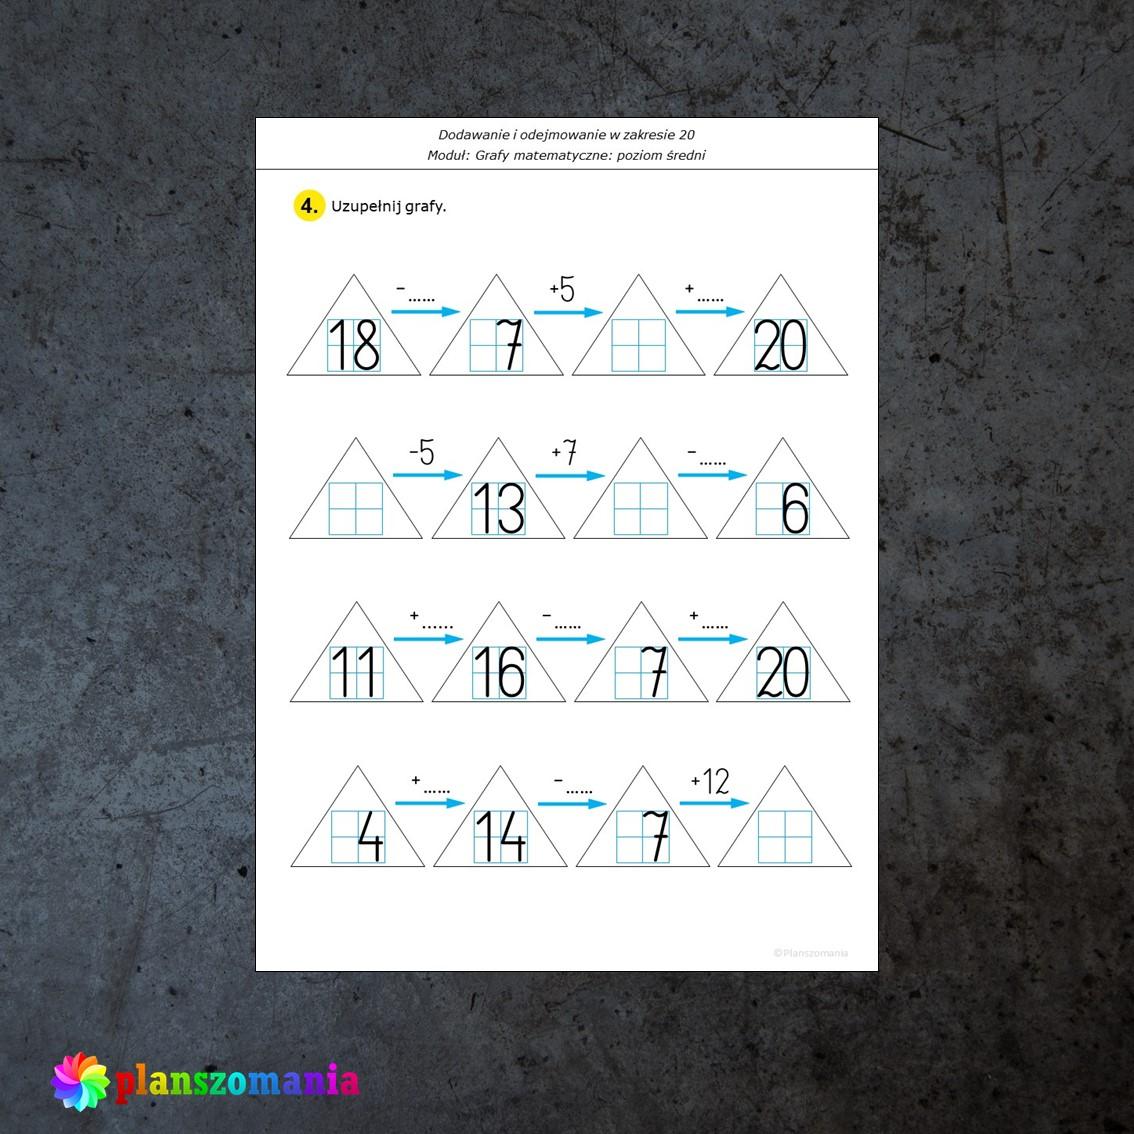 grafy matematyczne dodawanie i odejmowanie karty pracy edukacja matematyczna pomoce edukacyjne szkoła podstawowa pdf do druku w zakresie 20 planszomania